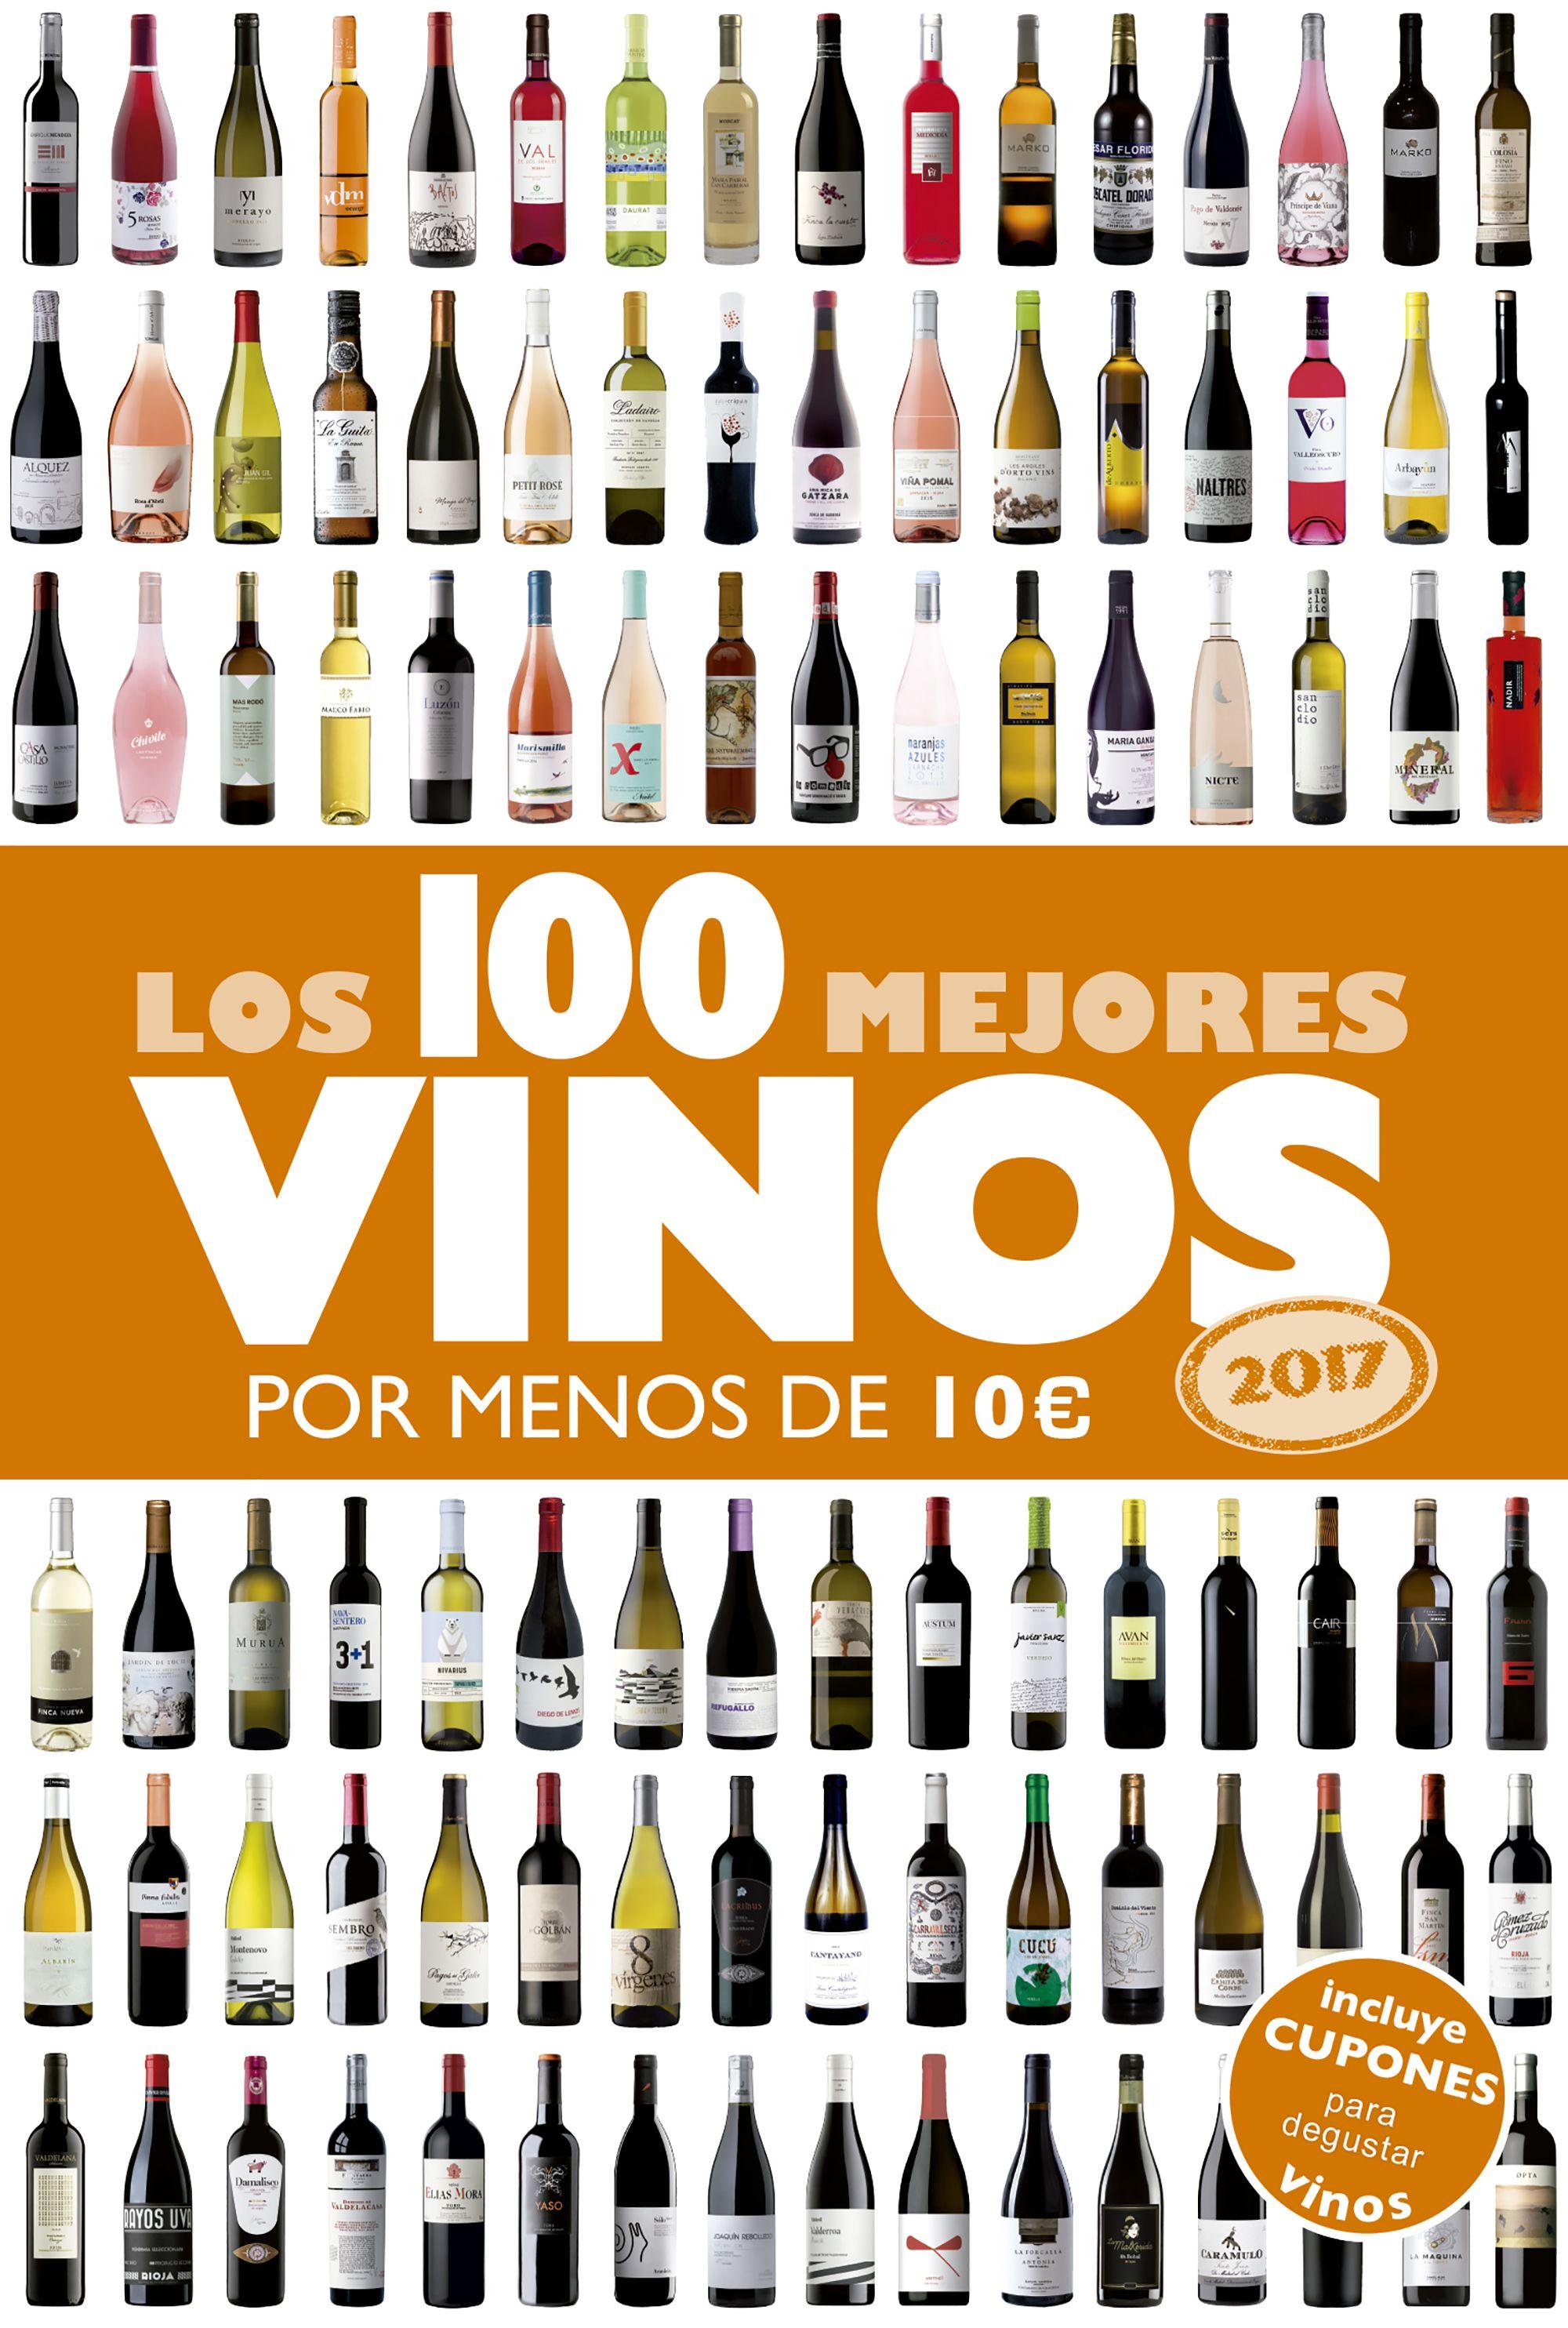 libros de vino-barrica creativa-los-100-mejores-vinos